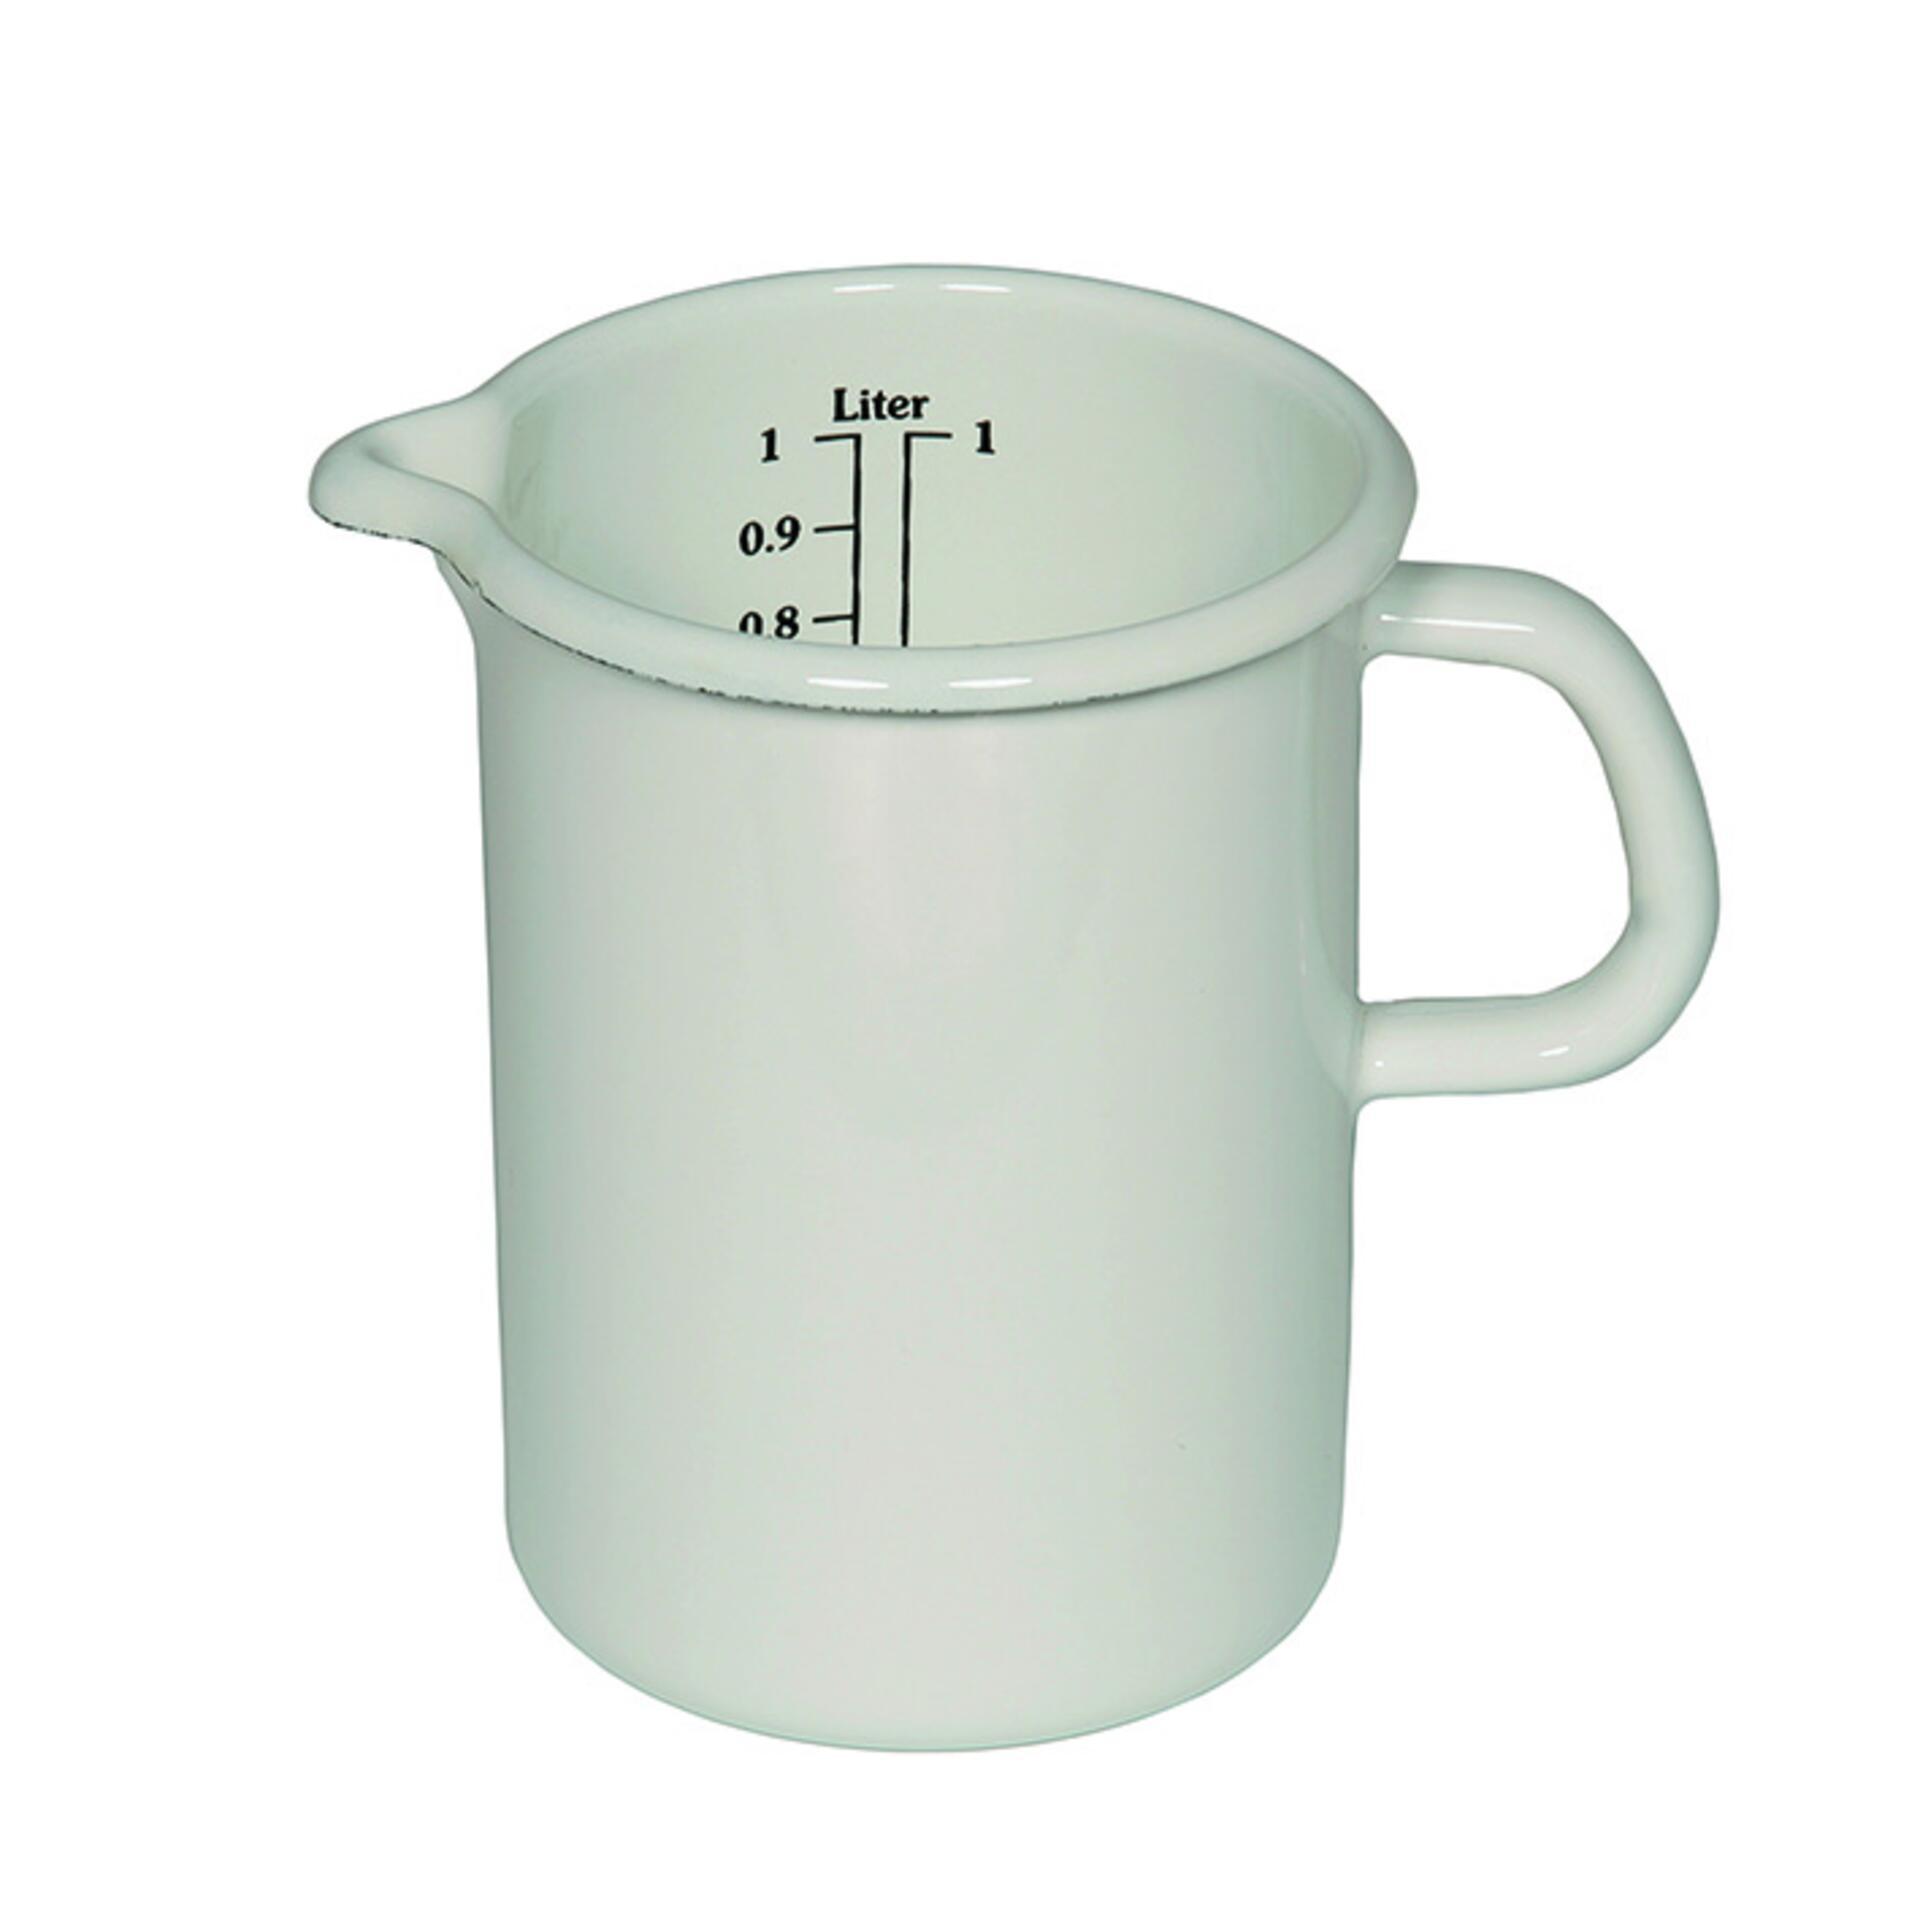 Riess Küchenmass 3,0 l Weiß